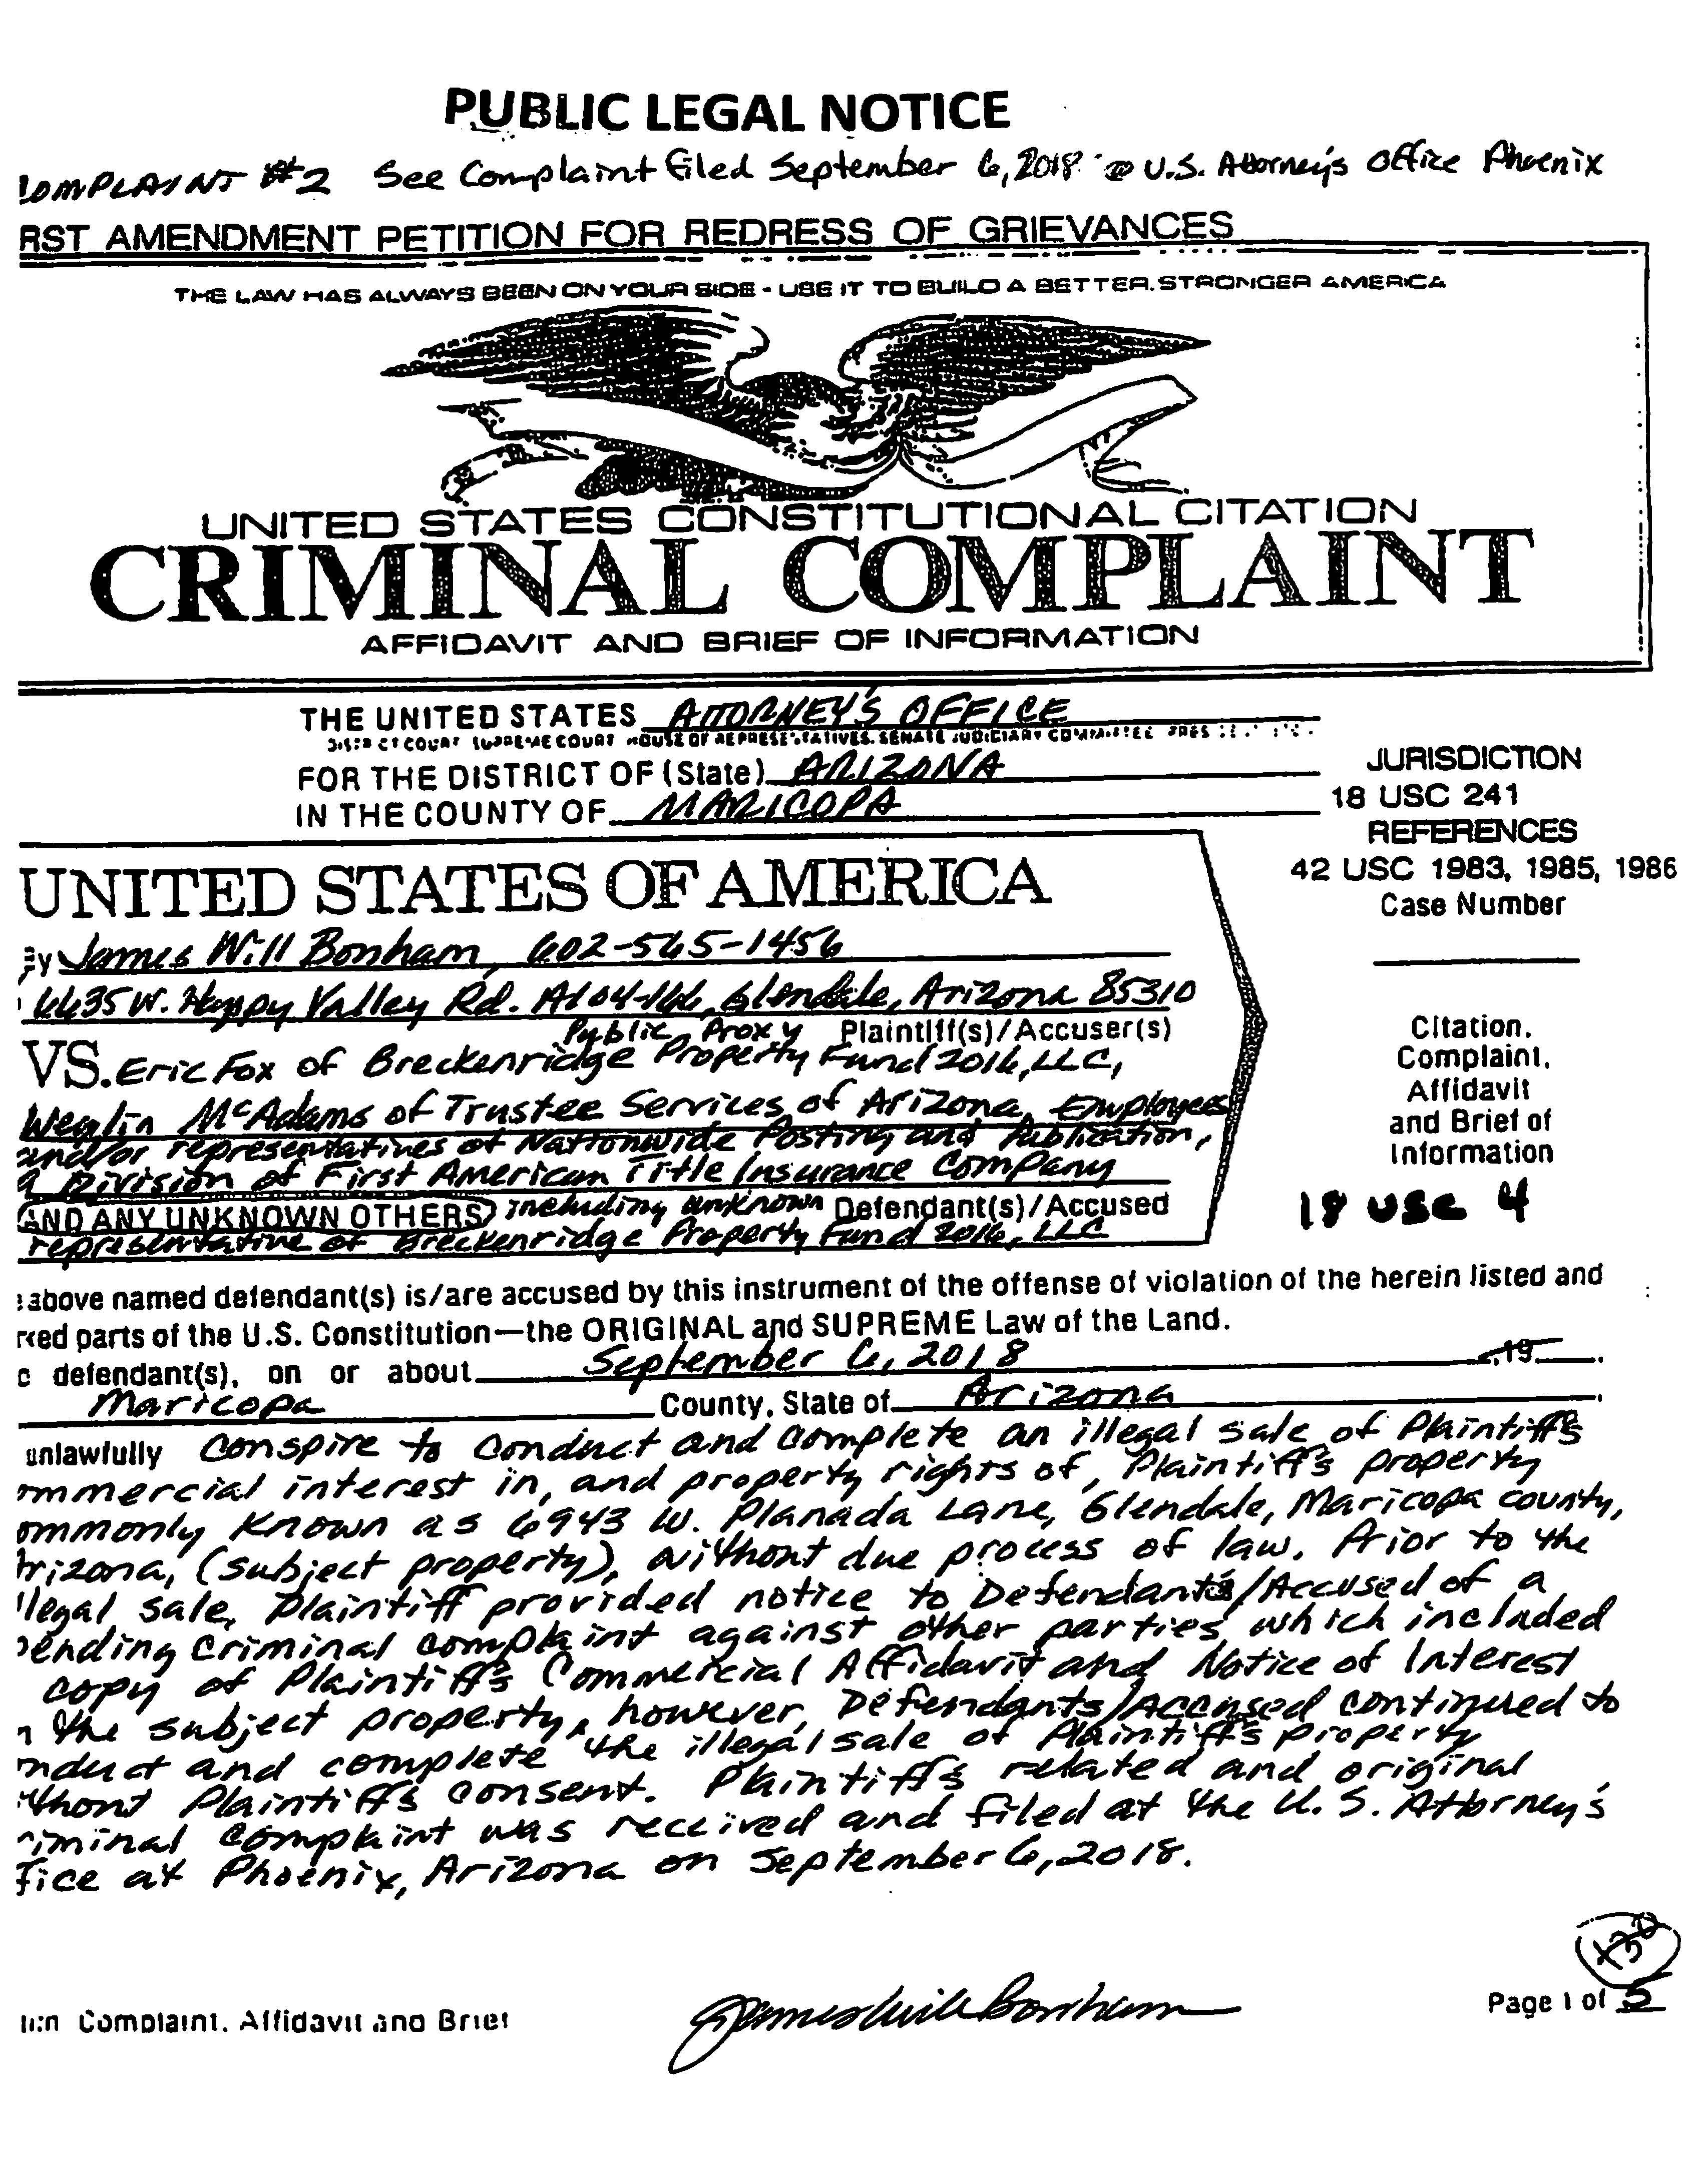 PUBLIC LEGAL NOTICE *** – CRIMINAL COMPLAINT #2 FILED COPY | Scanned